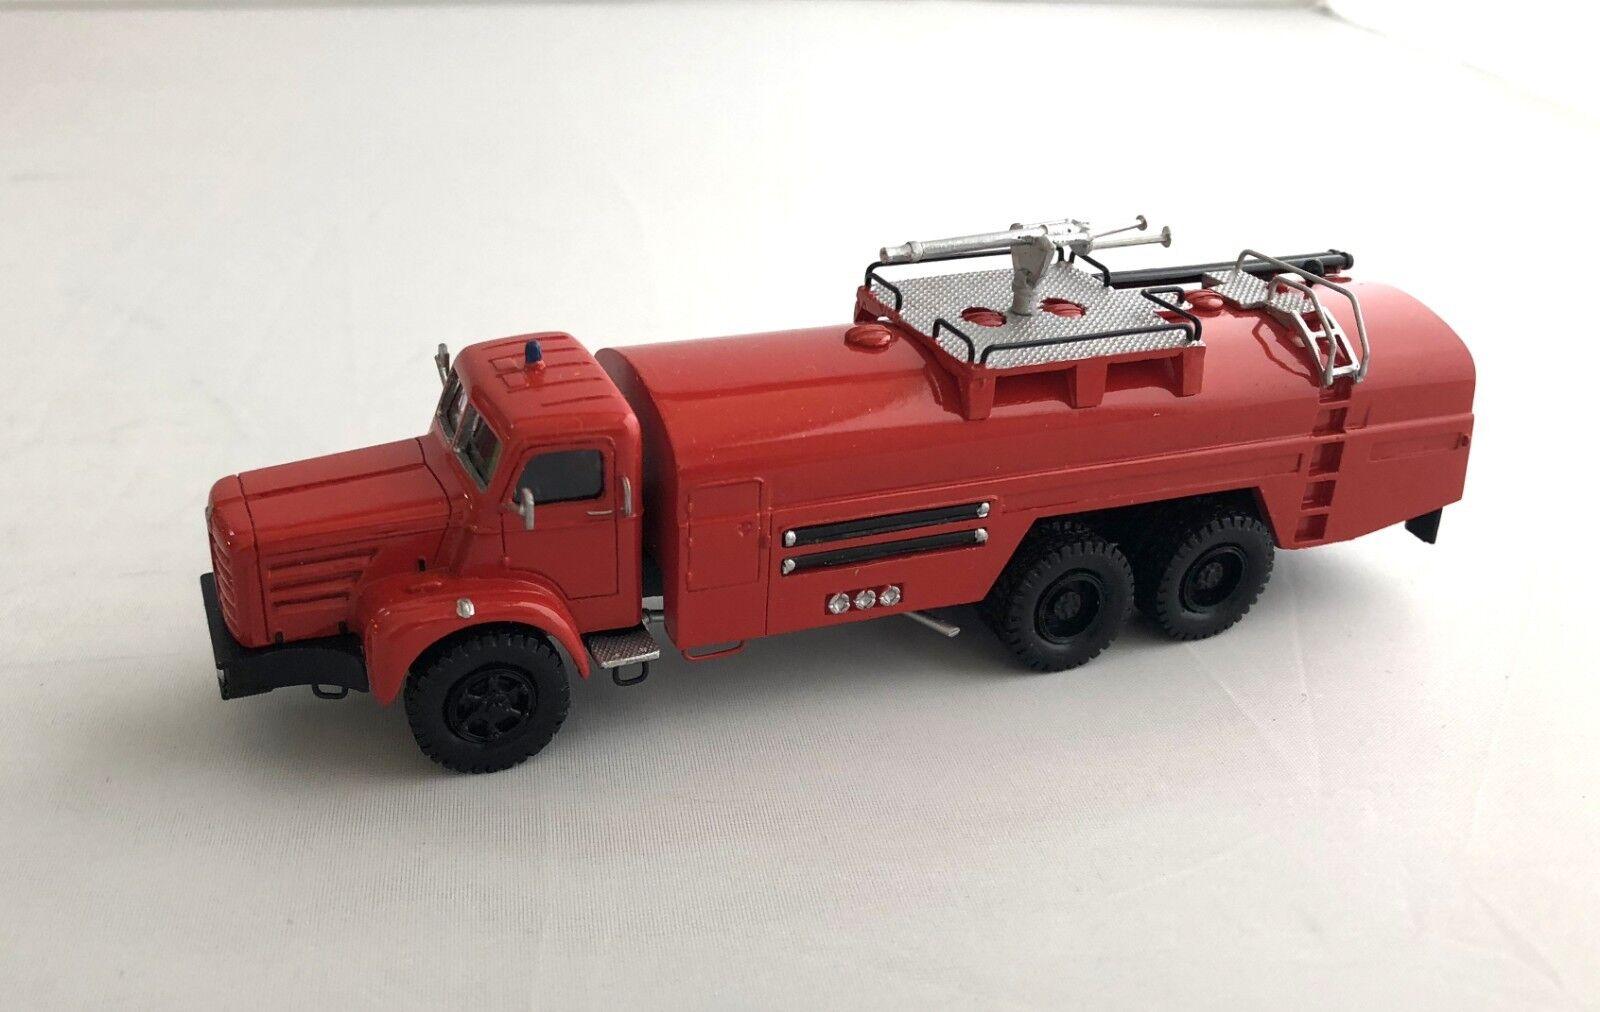 Fertig Resin HO 1 87 Berliet GBO-VMR 130 - Feuerwehr Feuerwehr Feuerwehr - Fankit Models 1b1215